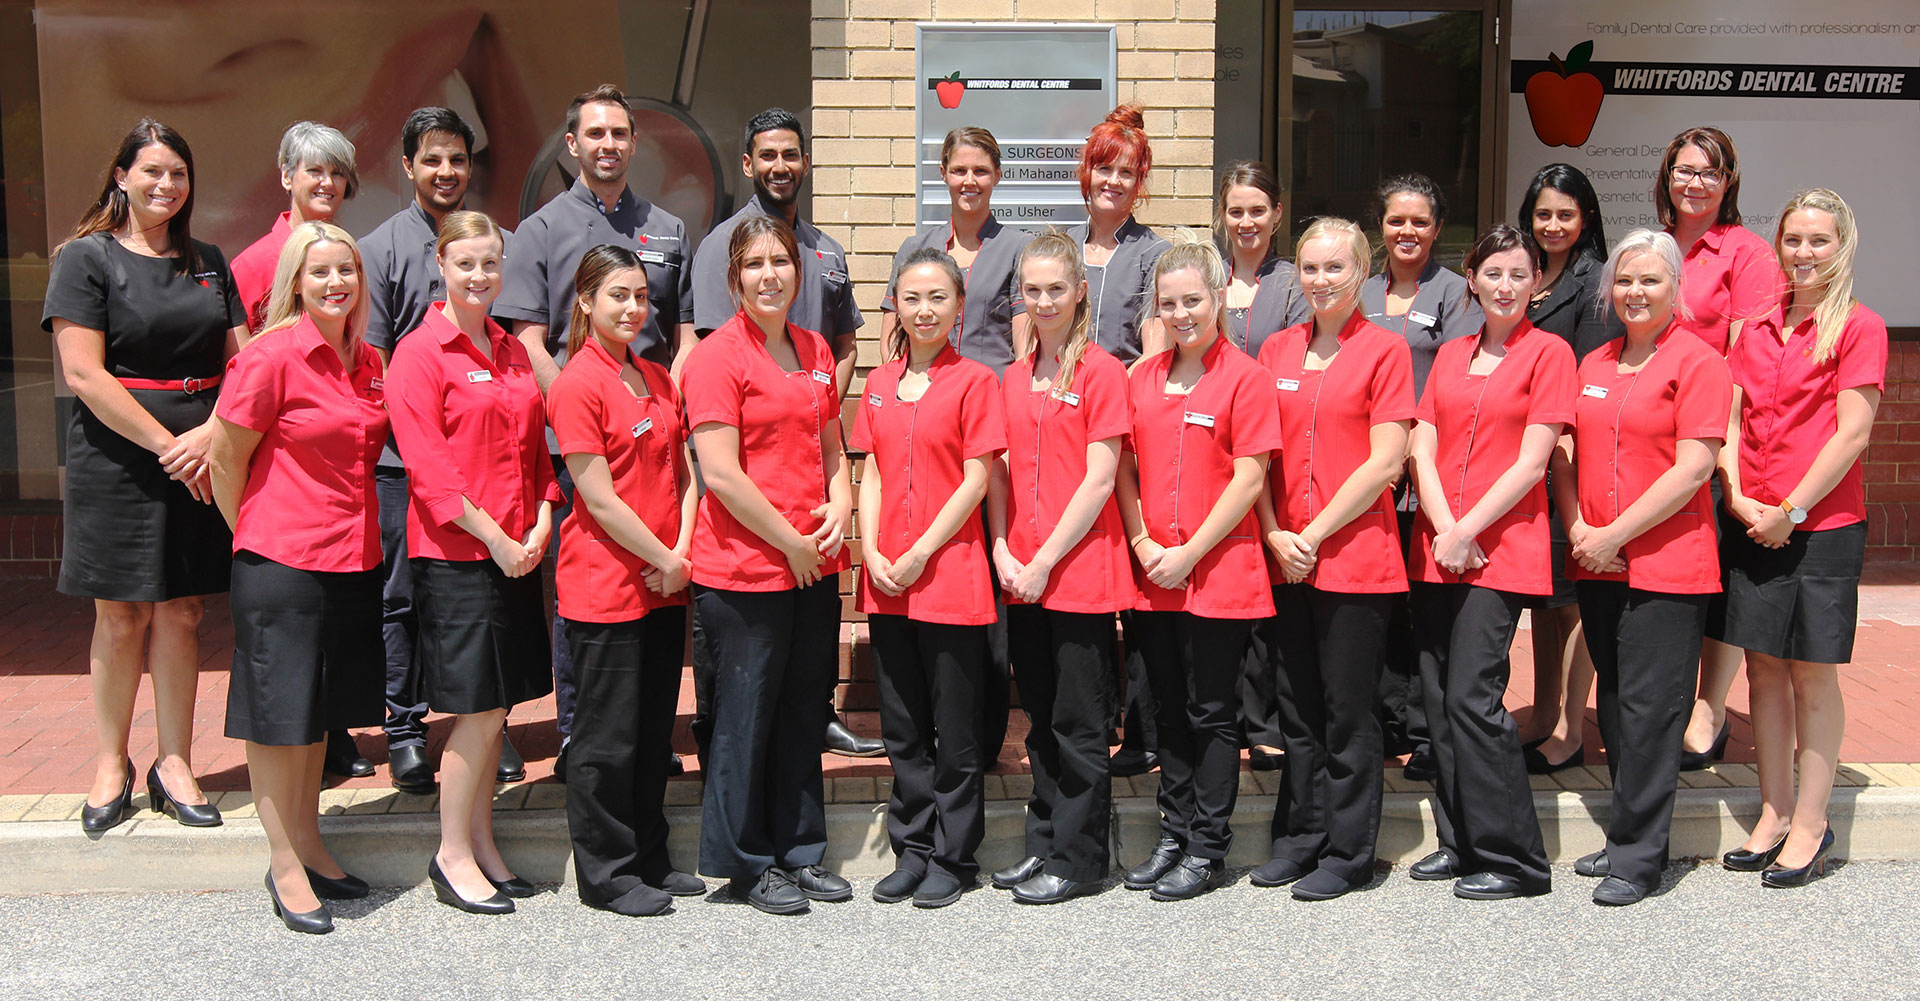 Whitfords Dental Team